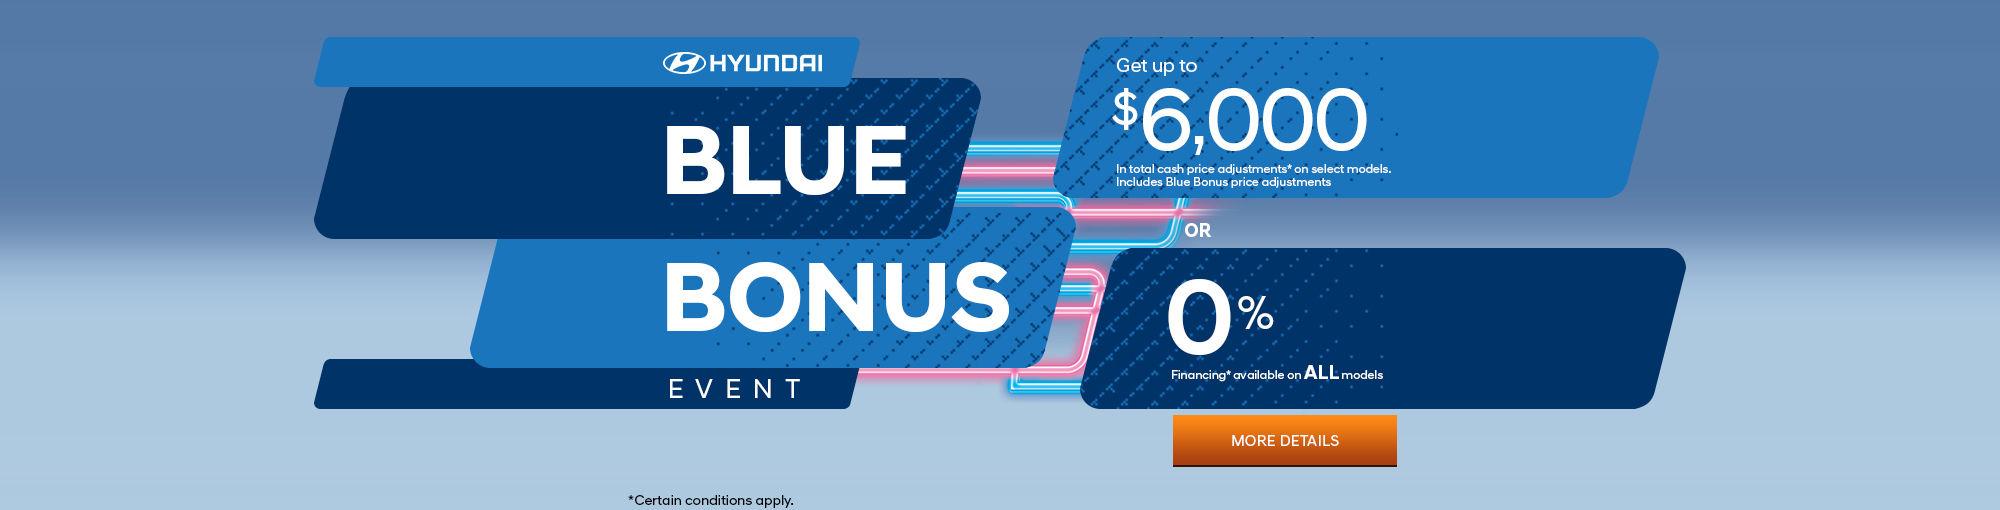 Hyundai blue bonus -desktop